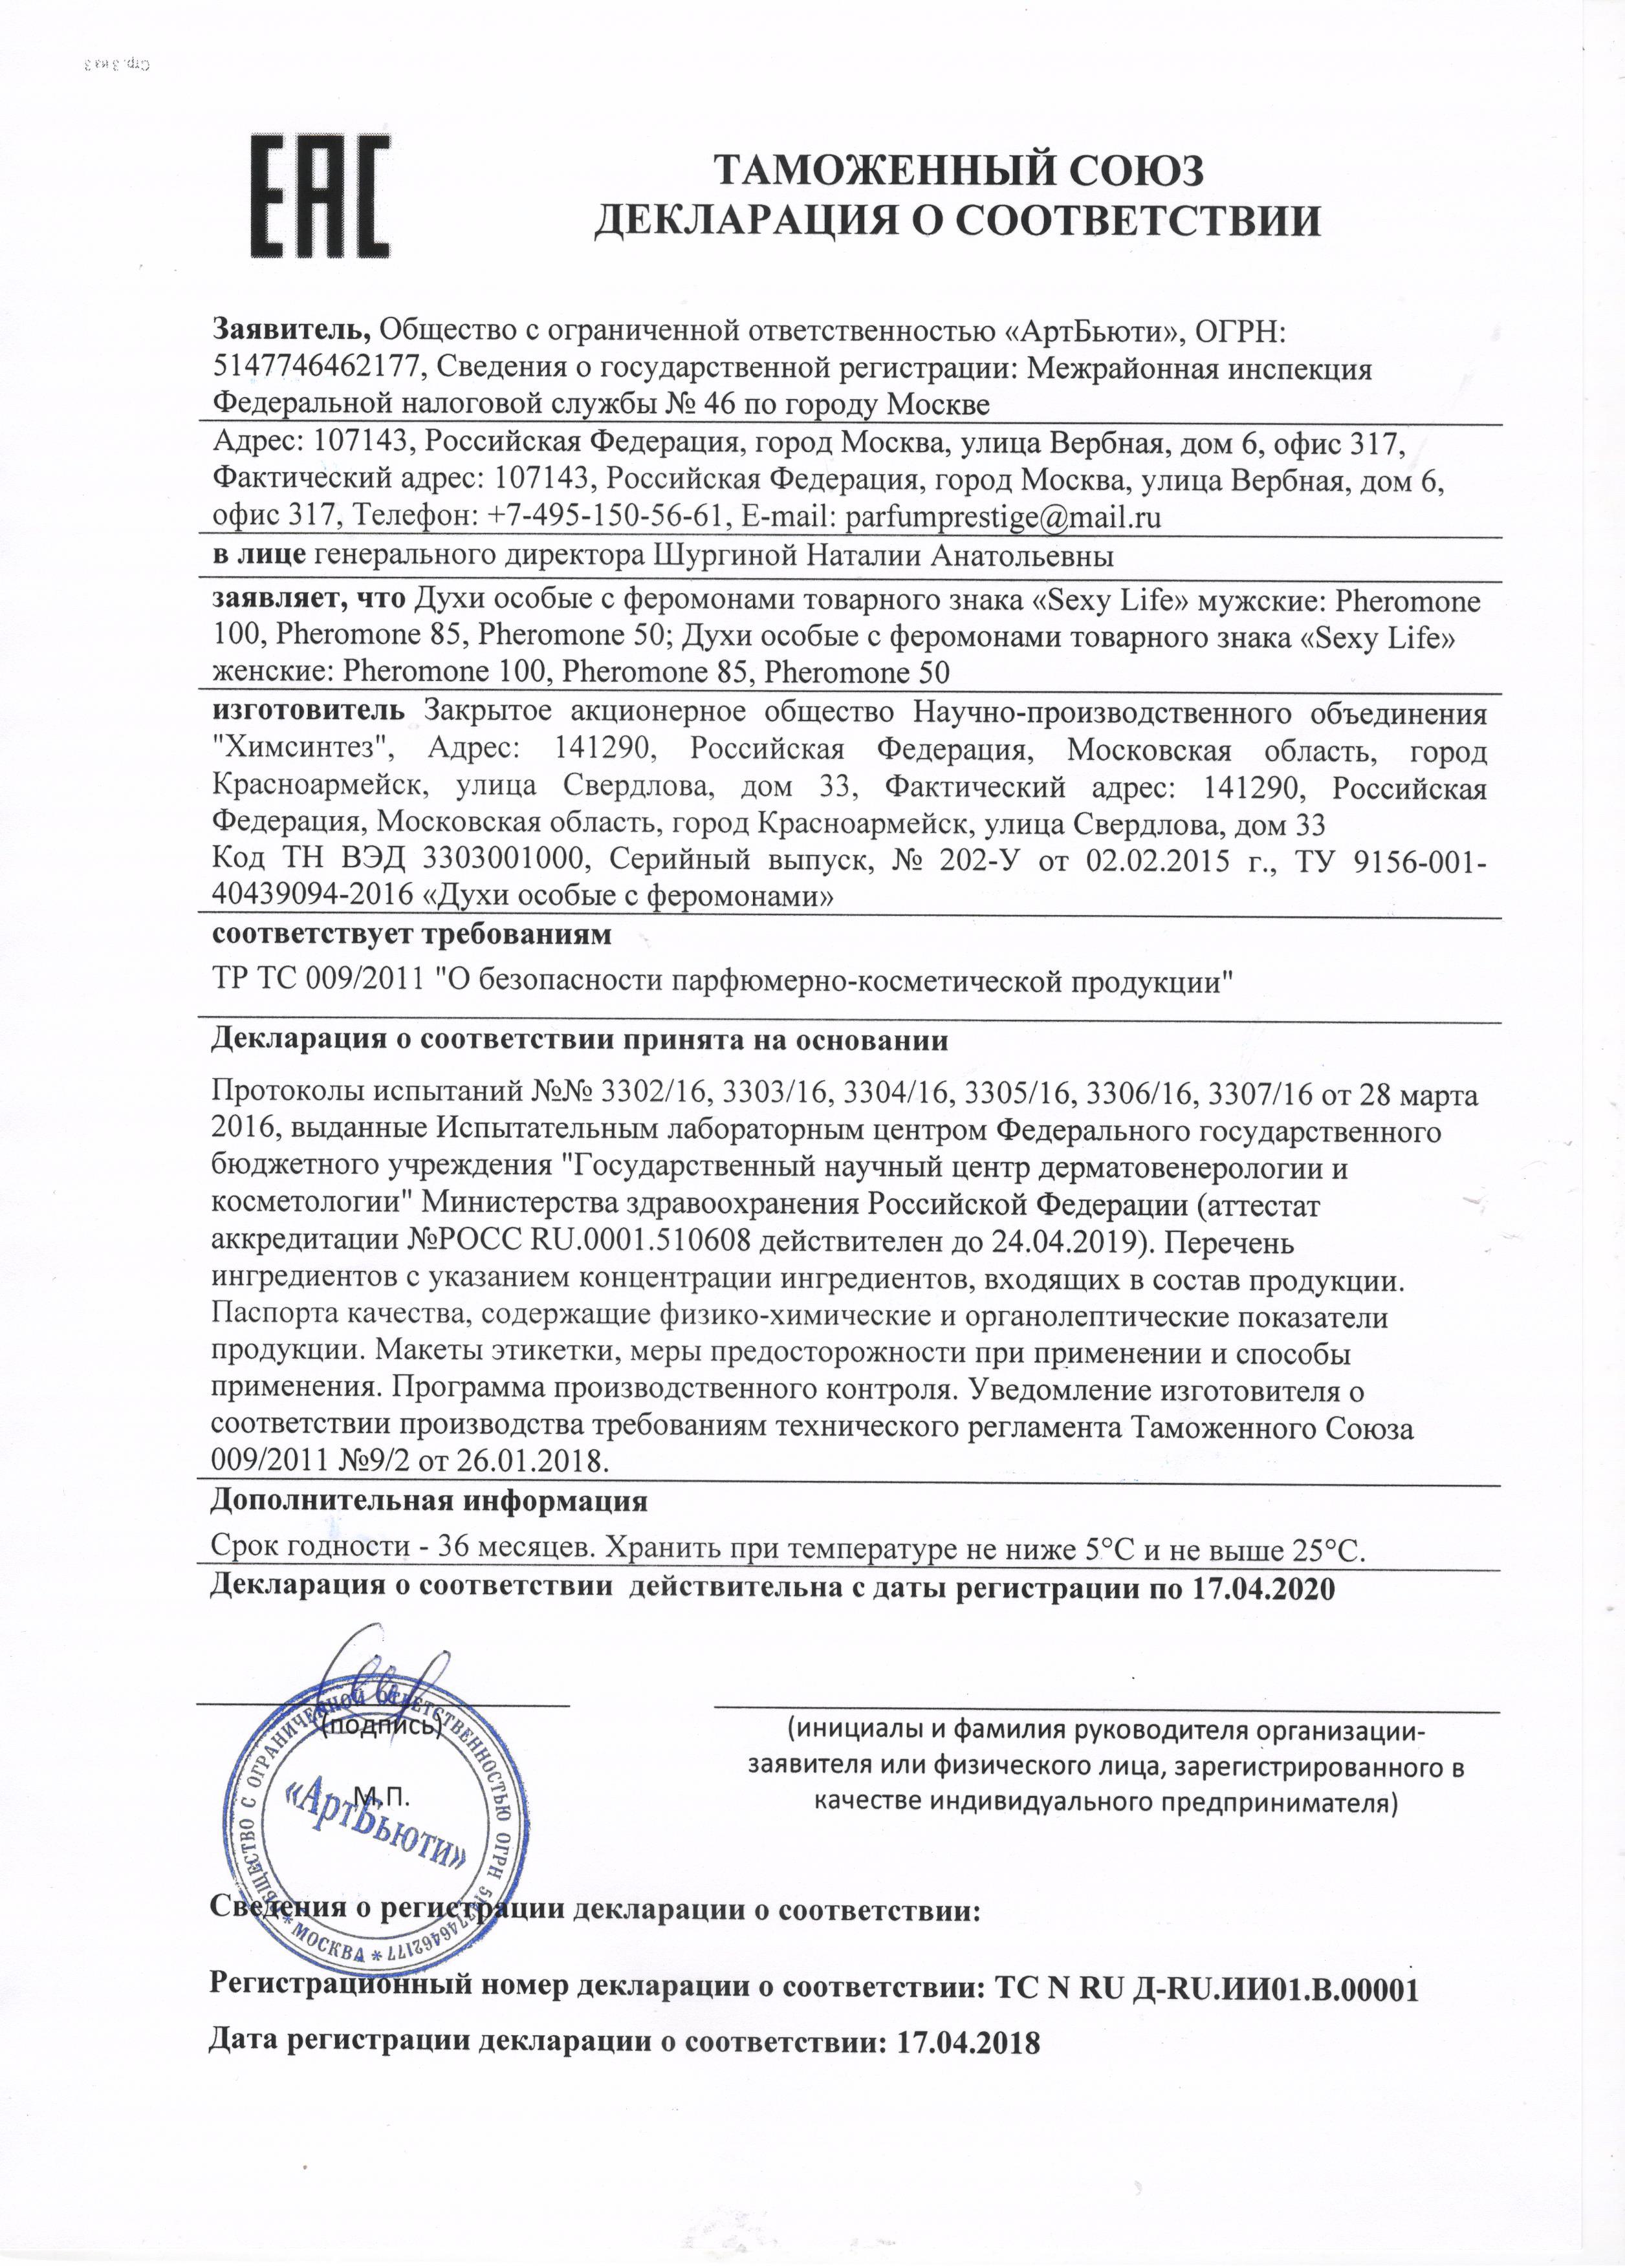 Декларация-сертификат на  концентрированные феромоны Sexy Life